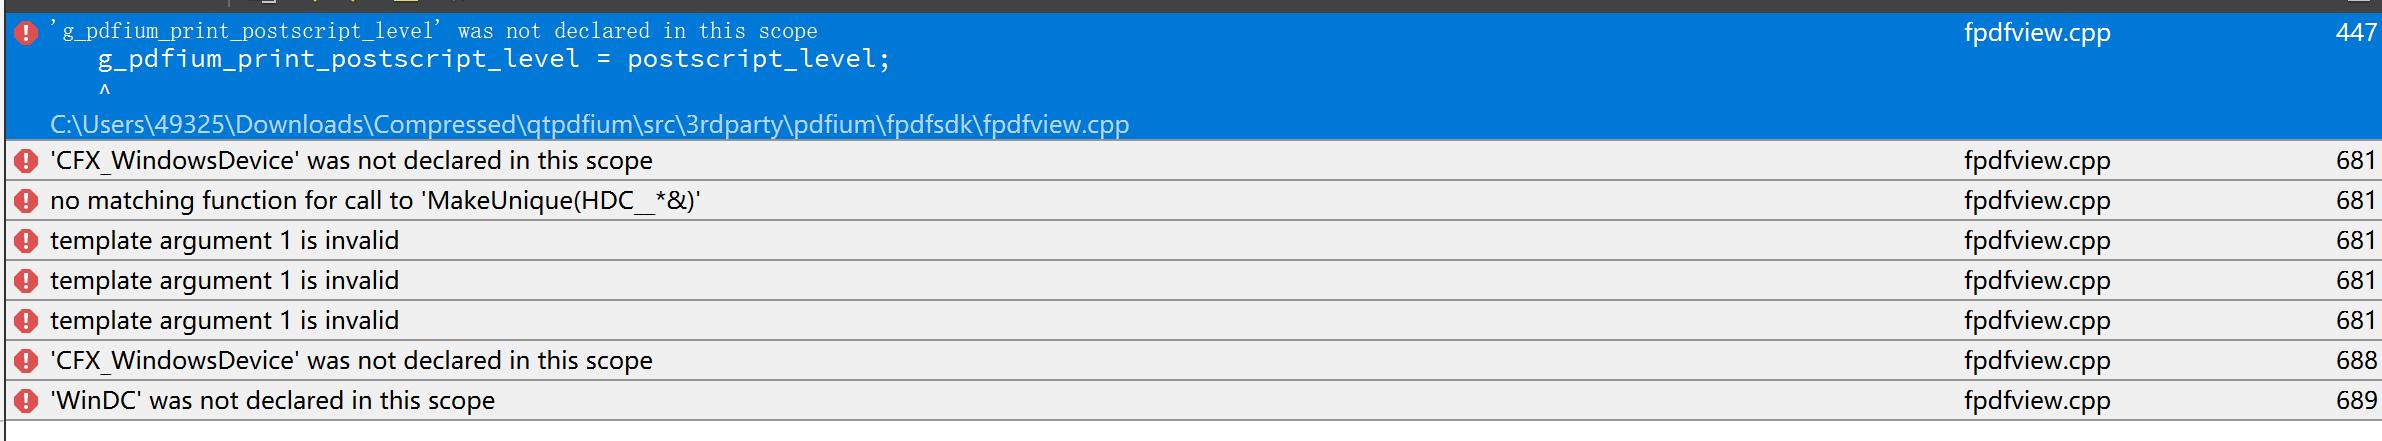 More and more save modernescpp. Com.